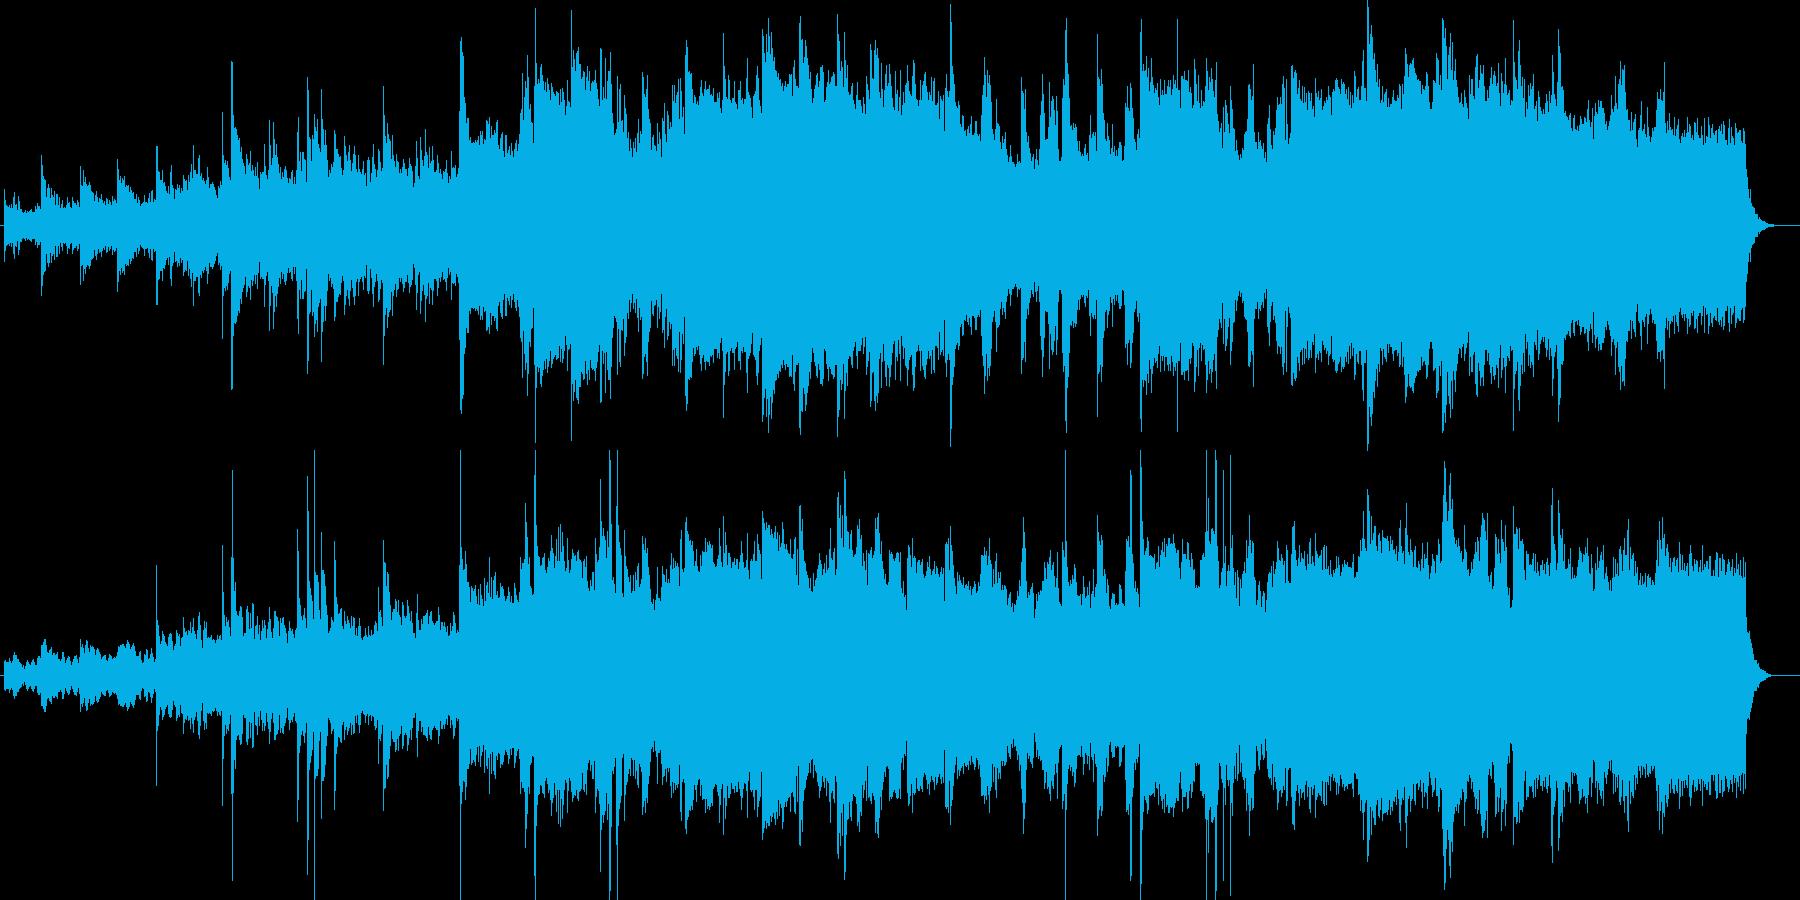 神秘的で荘厳なメロディーの再生済みの波形